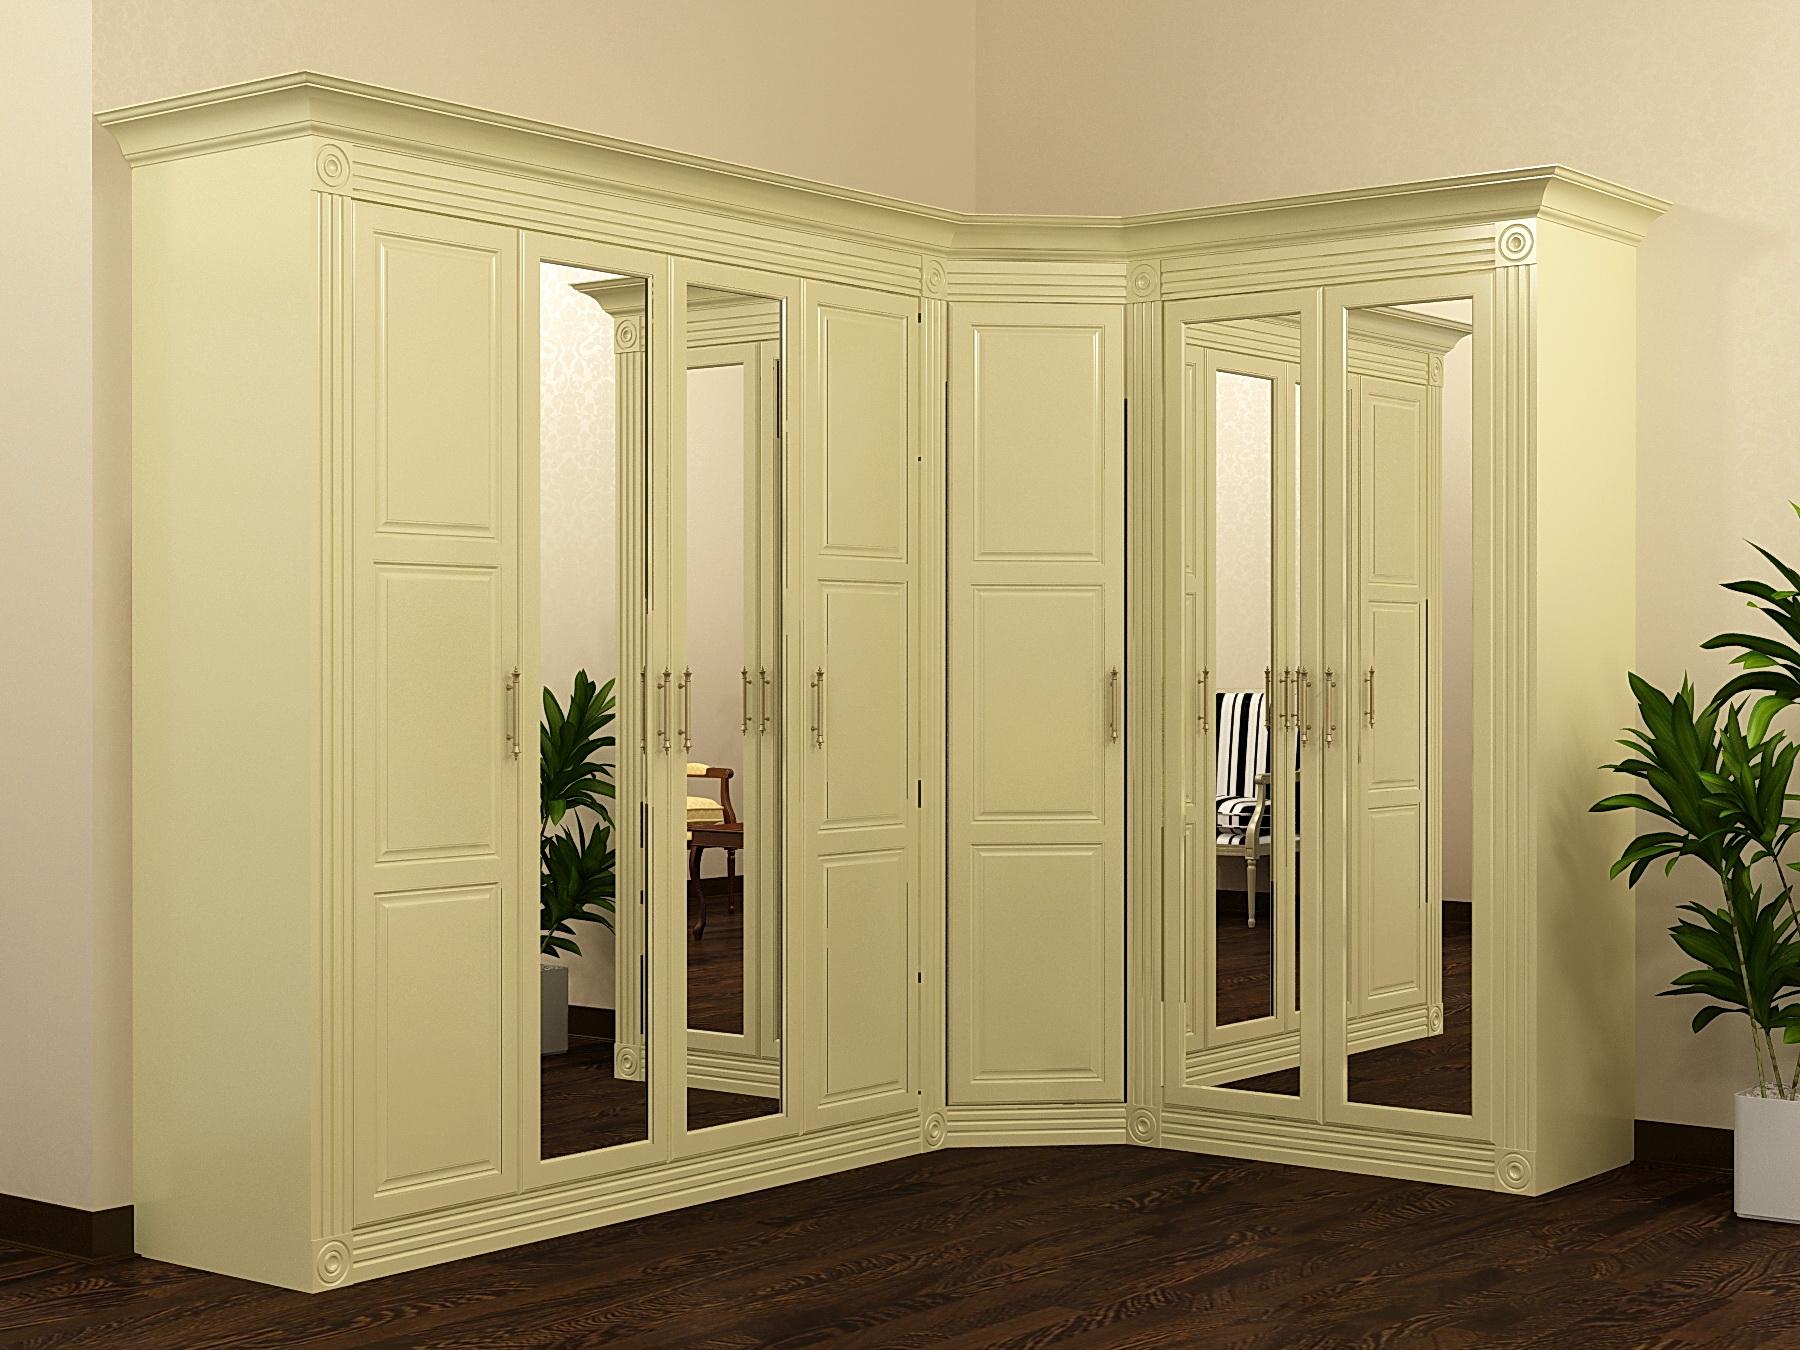 Шкафы в классическом стиле (47 фото): зеркальный шкаф в прих.